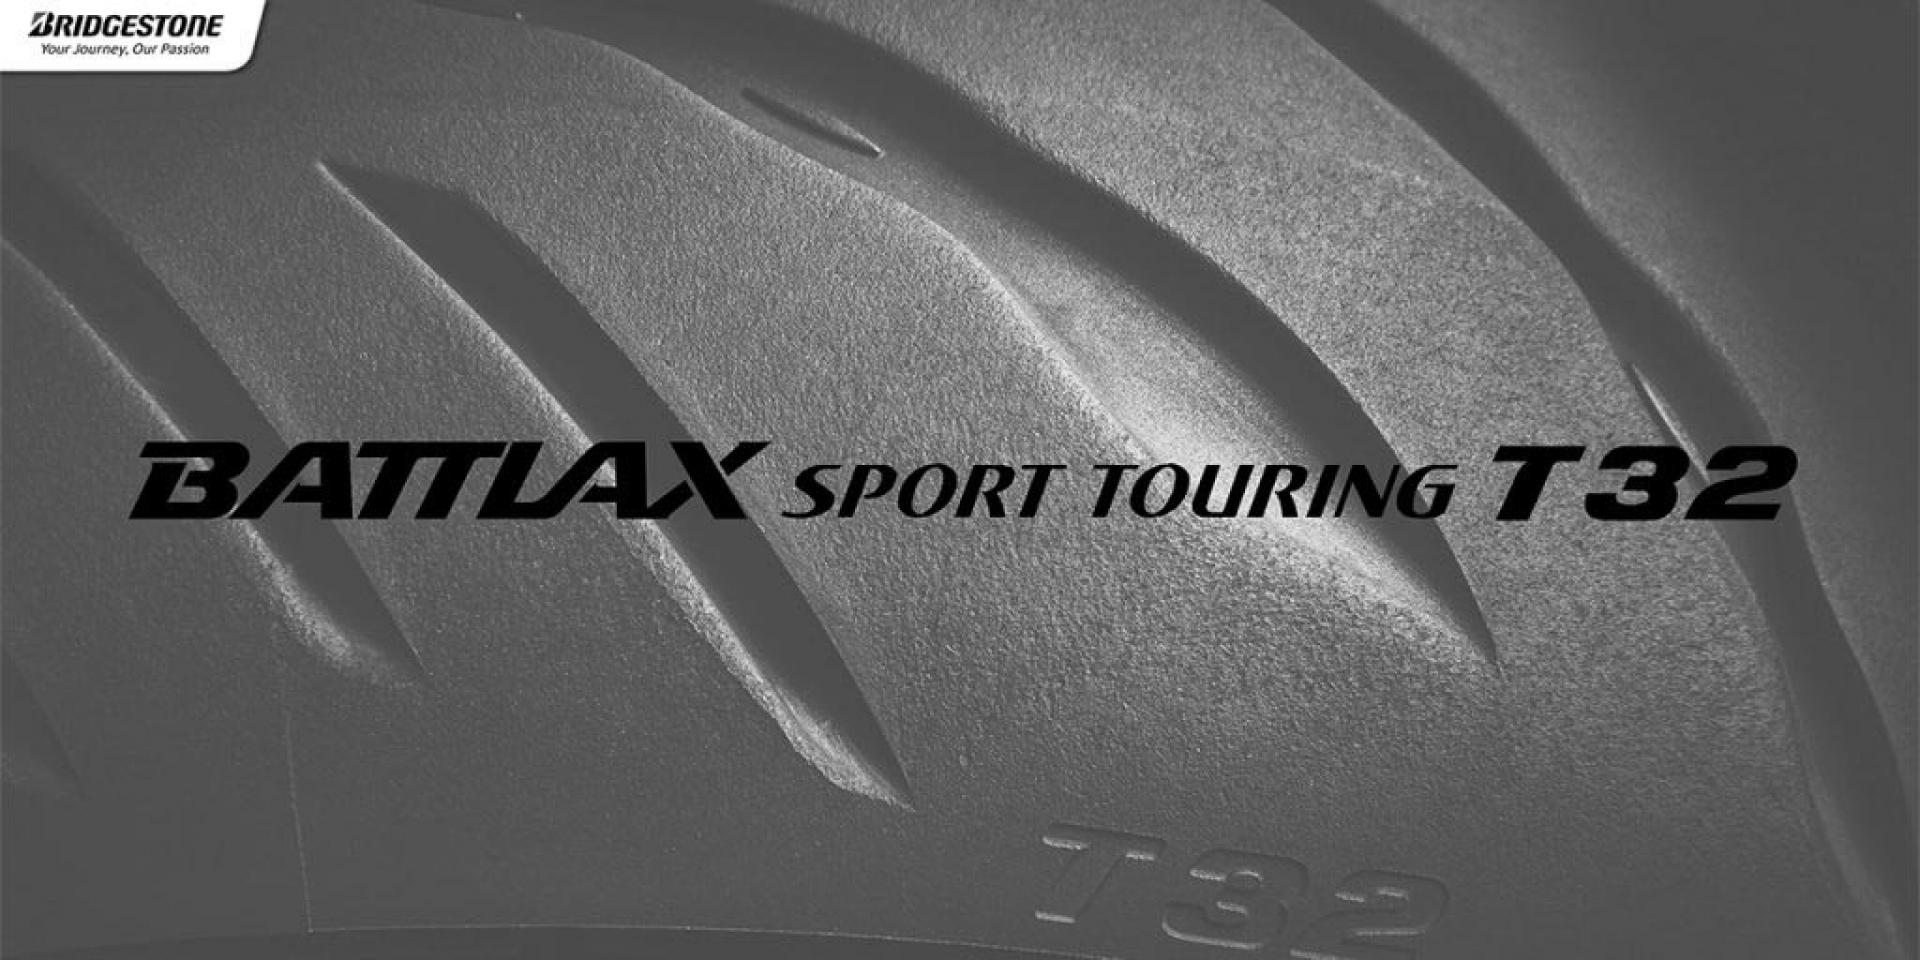 濕地煞車距離縮短7%,BRIDGESTONE Battlax Sport Touring T32發表,歐洲2021年初開始供貨